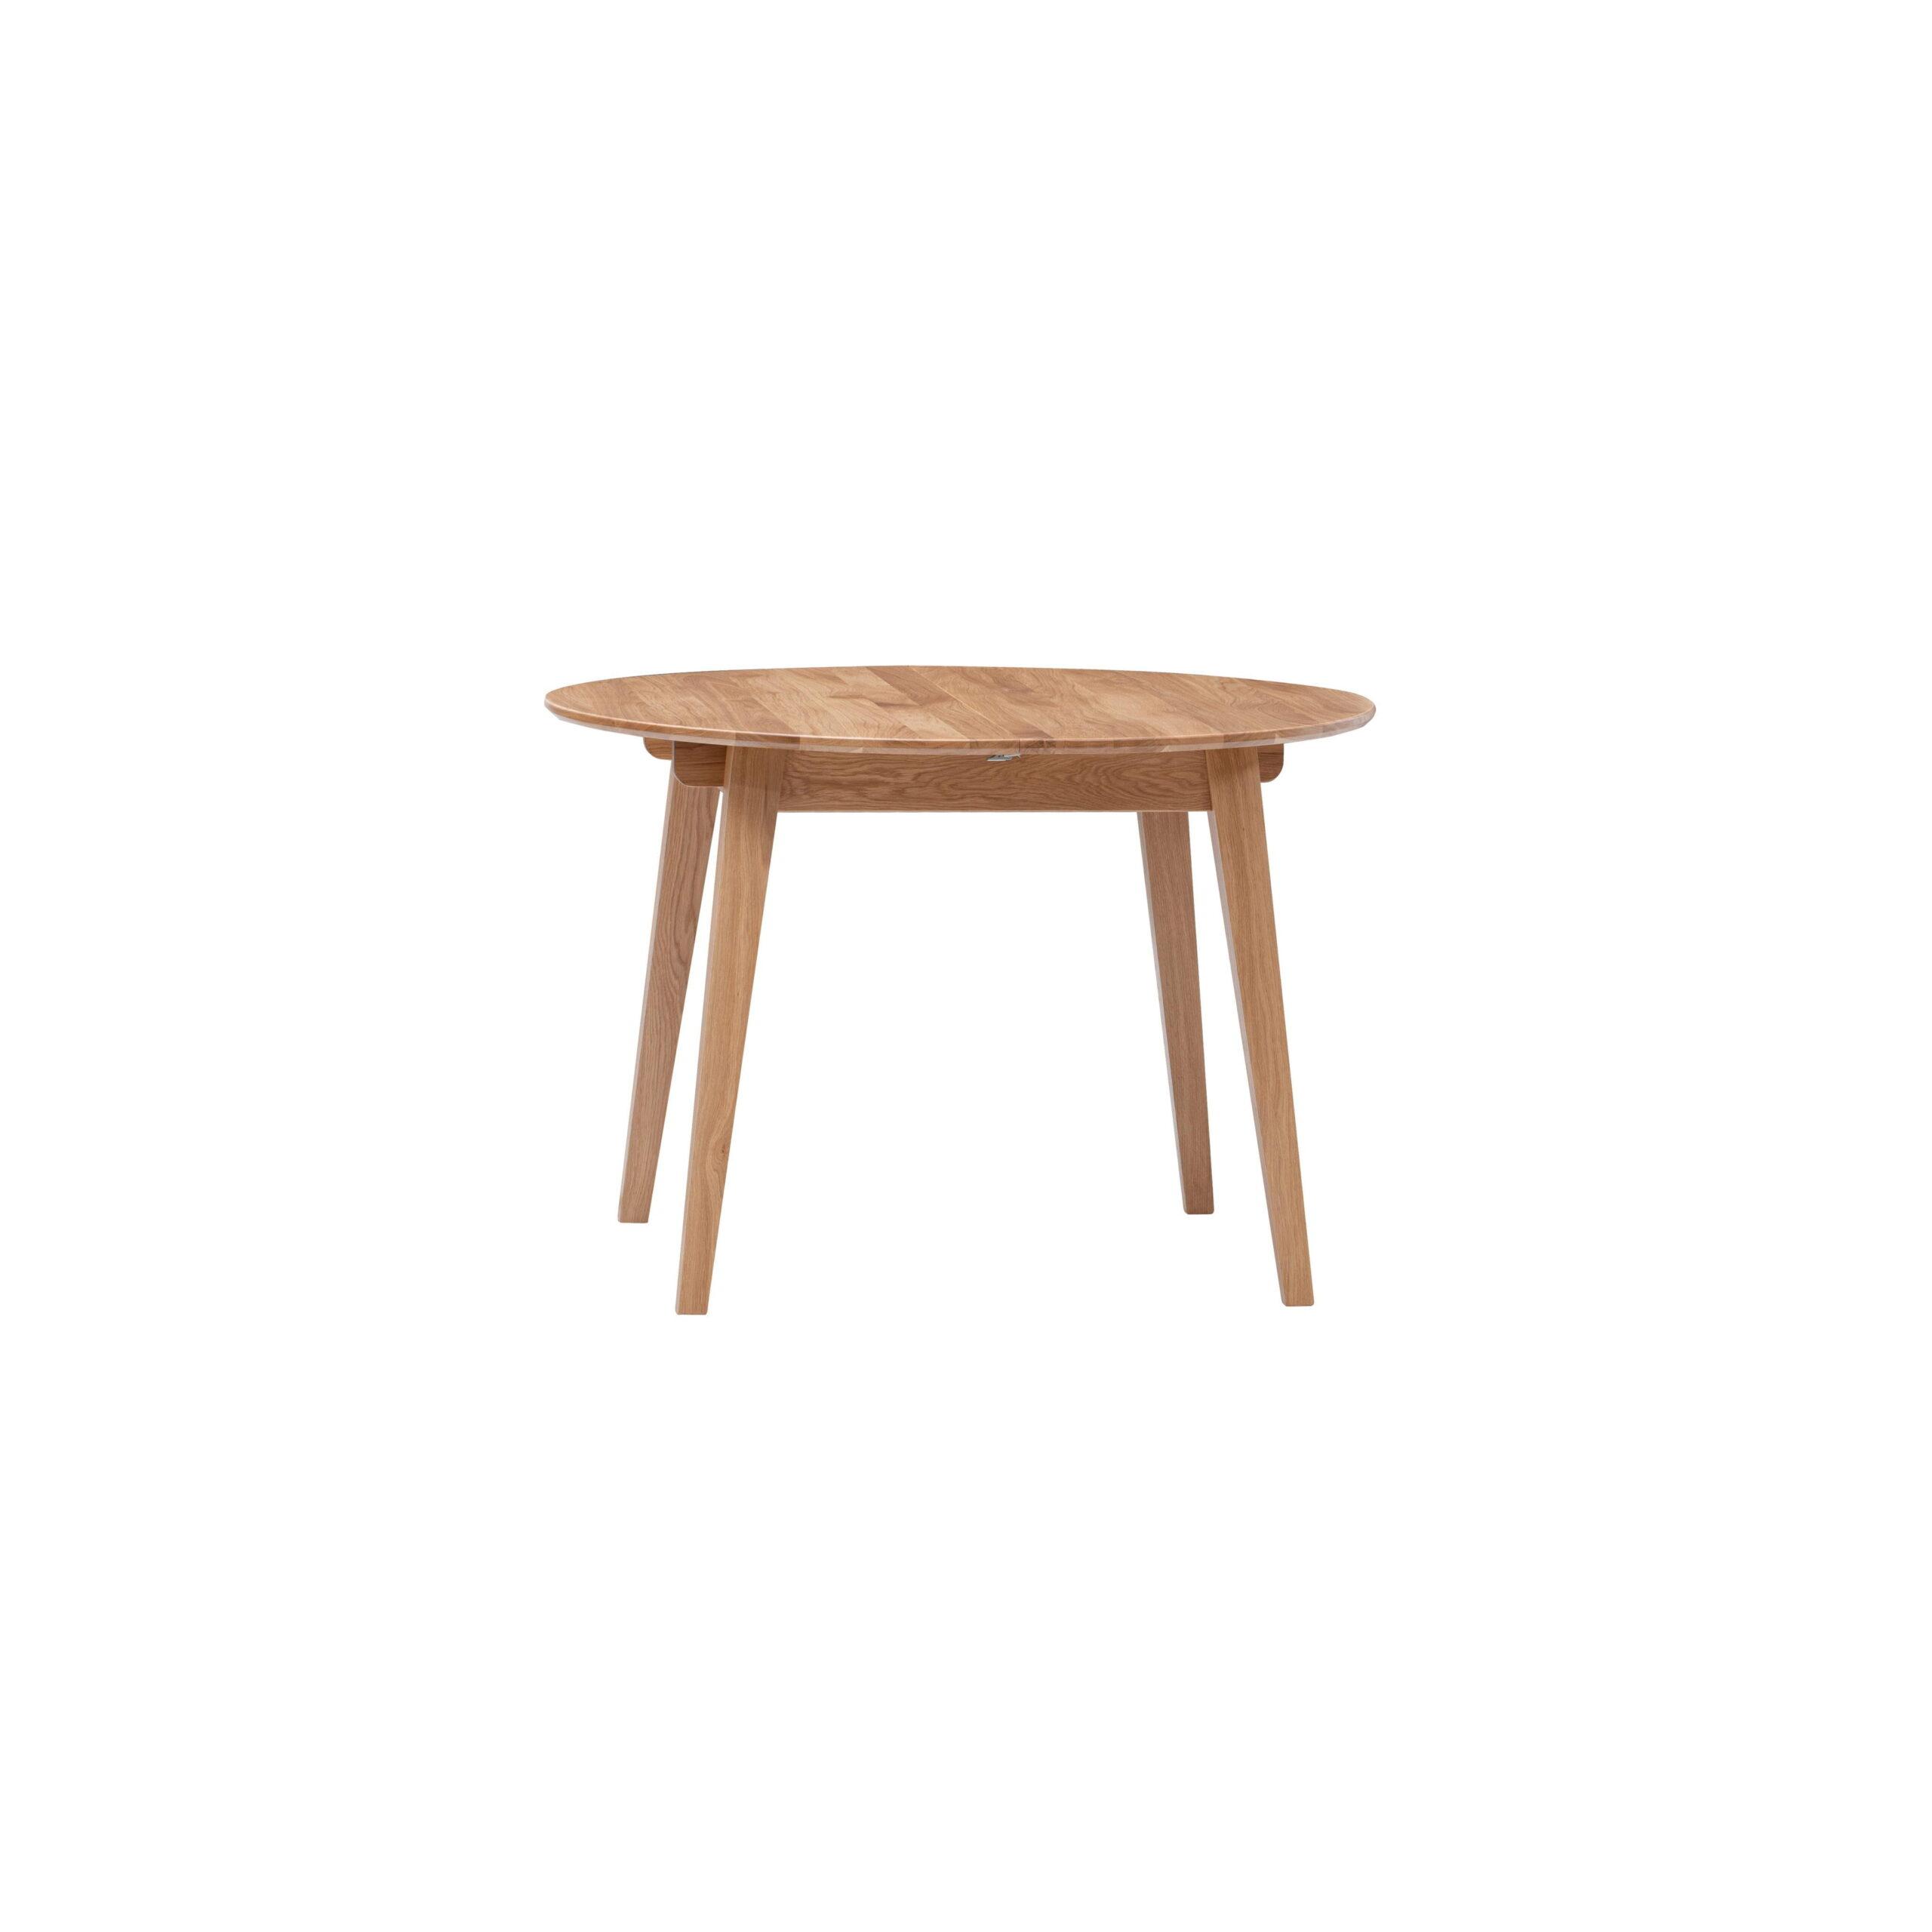 Masívny dubový lakovaný okrúhly rozkladací jedálenský stôl Genova